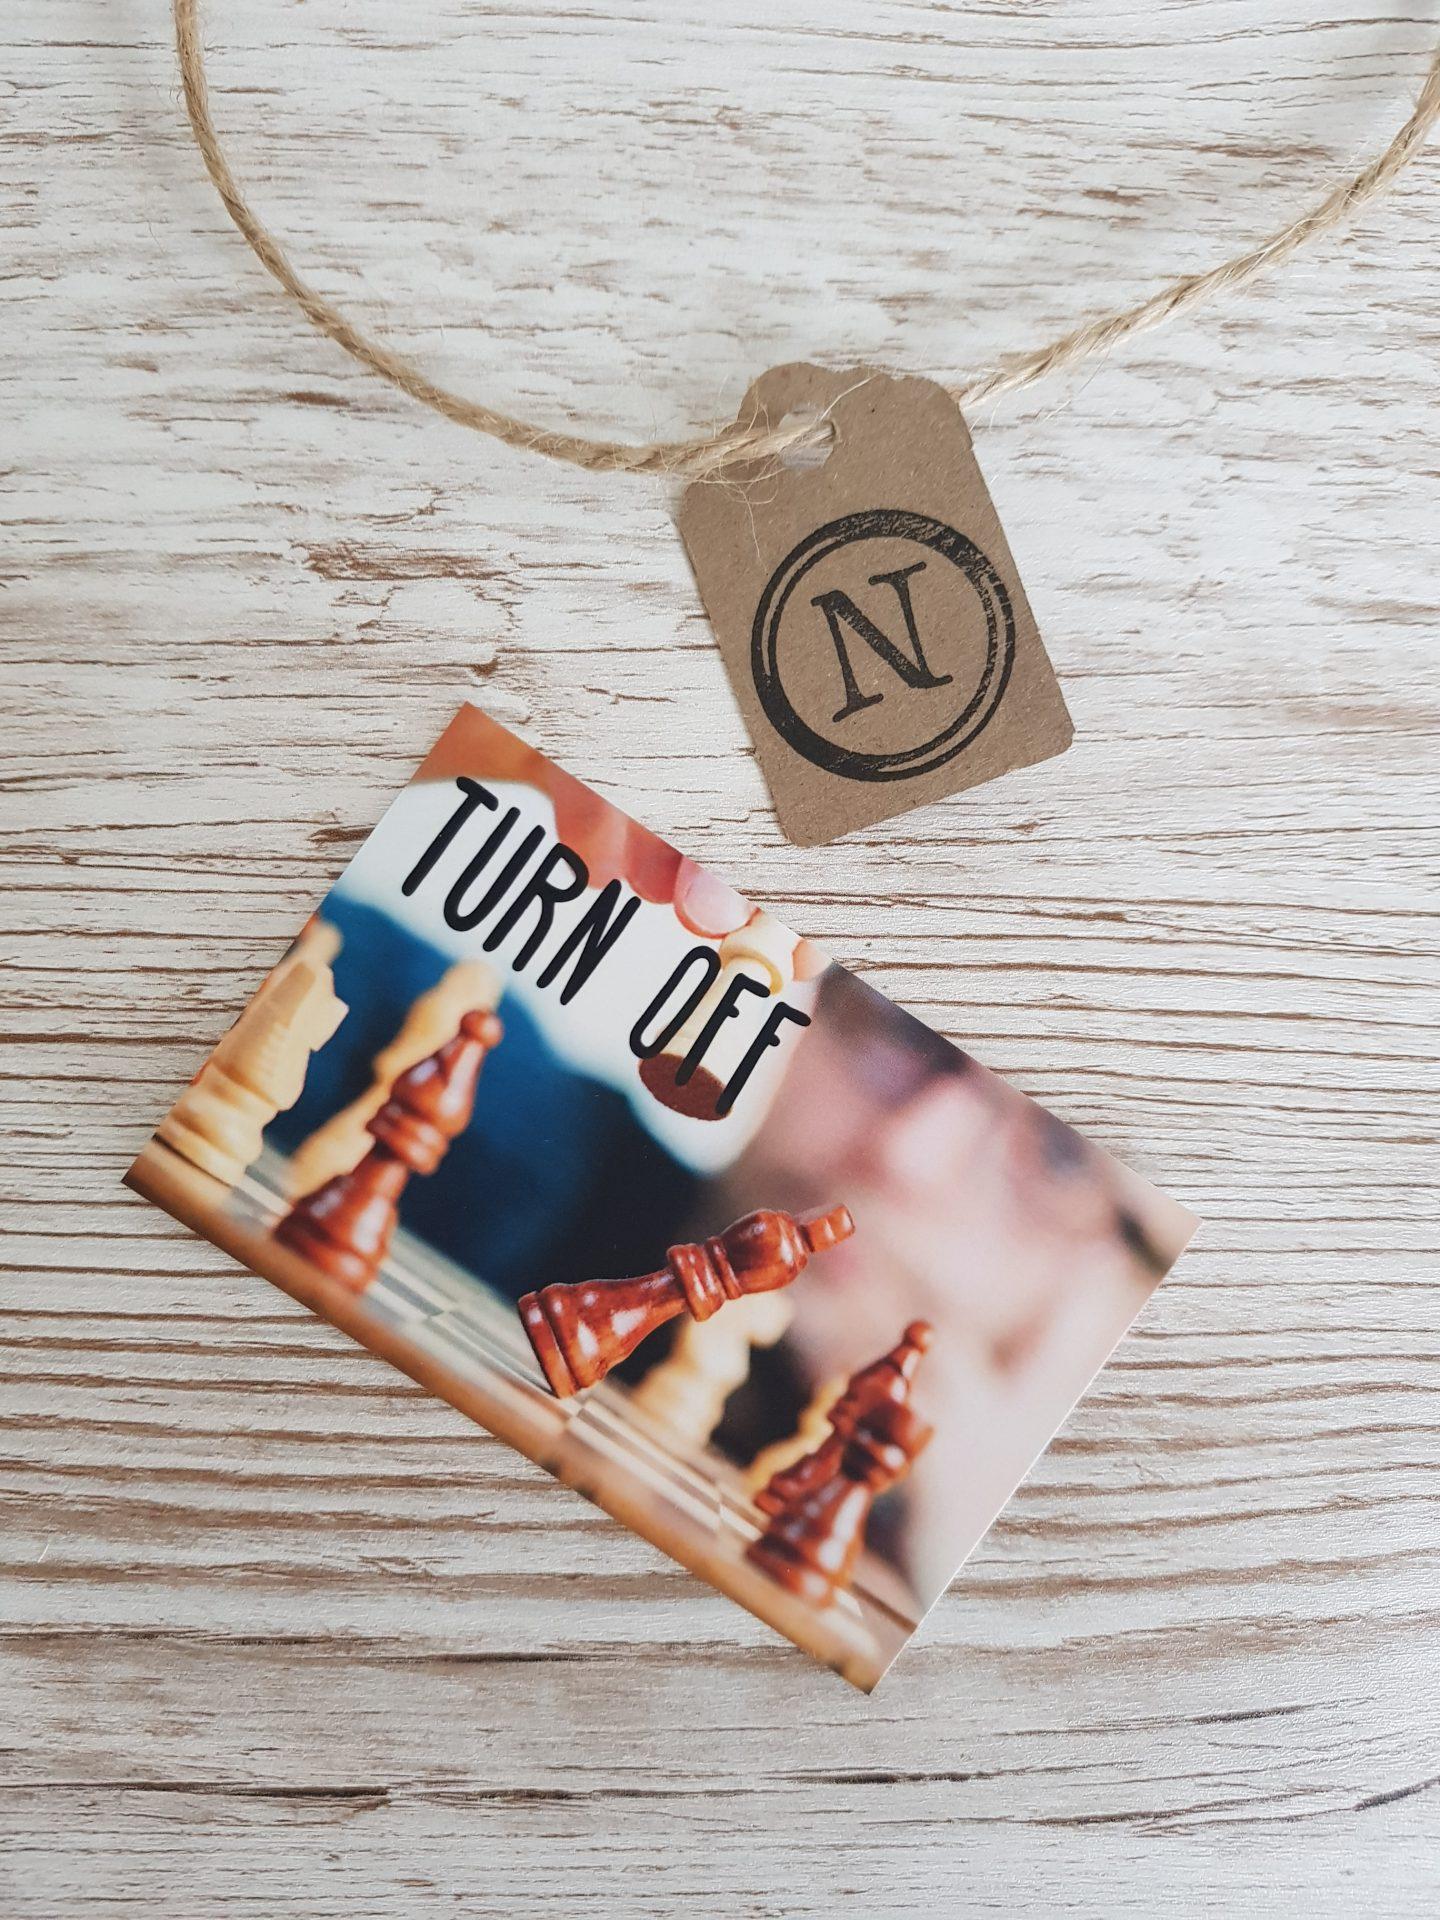 turn off nudge card